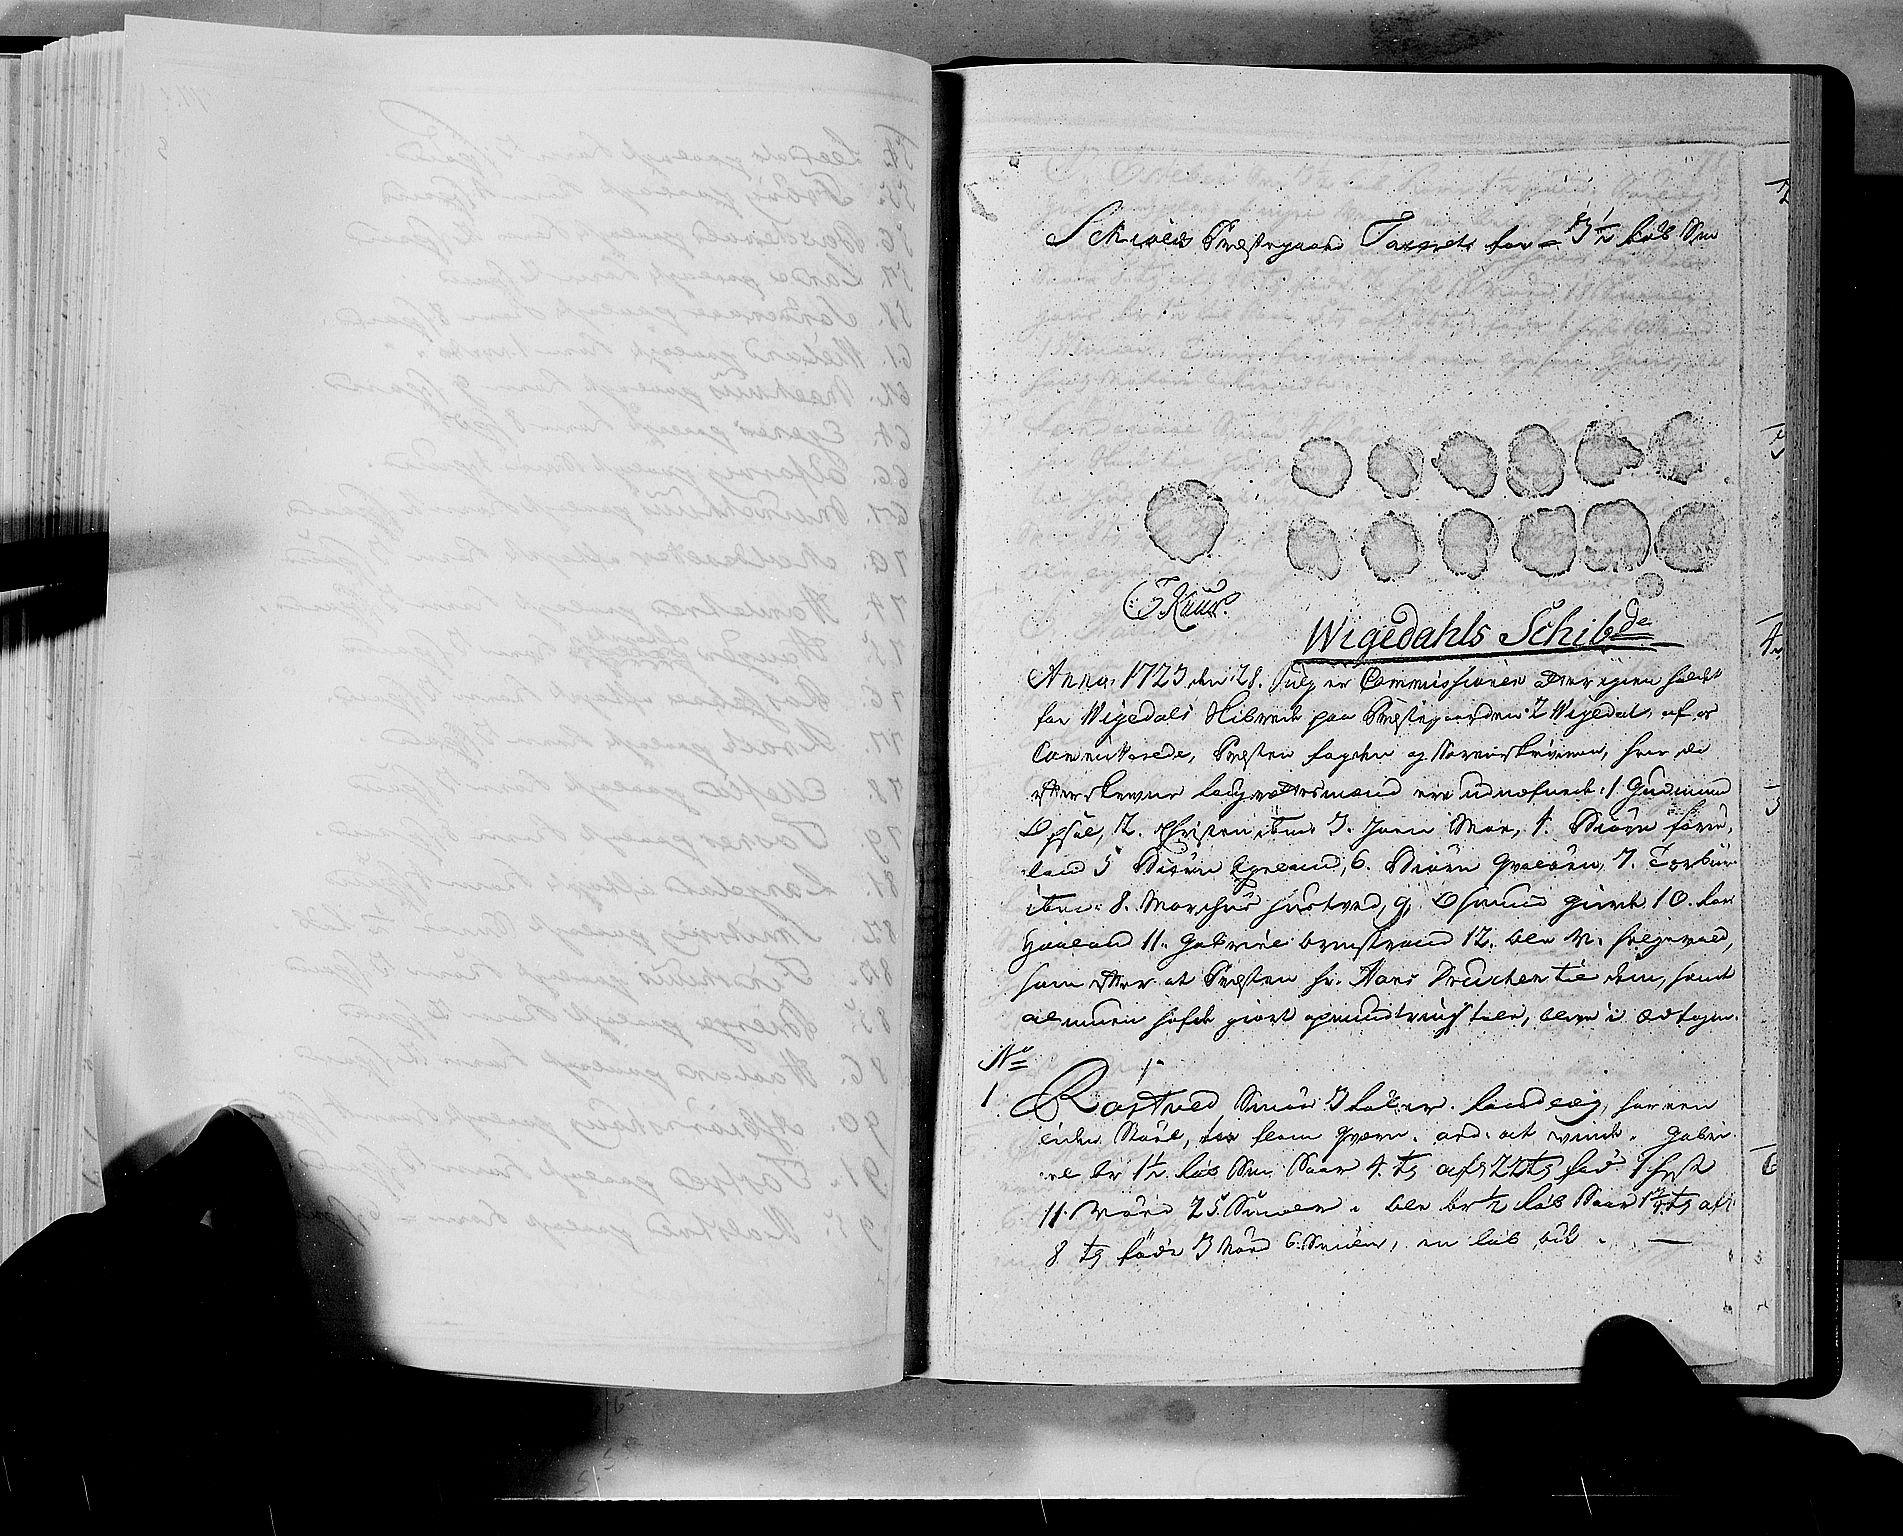 RA, Rentekammeret inntil 1814, Realistisk ordnet avdeling, N/Nb/Nbf/L0133a: Ryfylke eksaminasjonsprotokoll, 1723, s. 77b